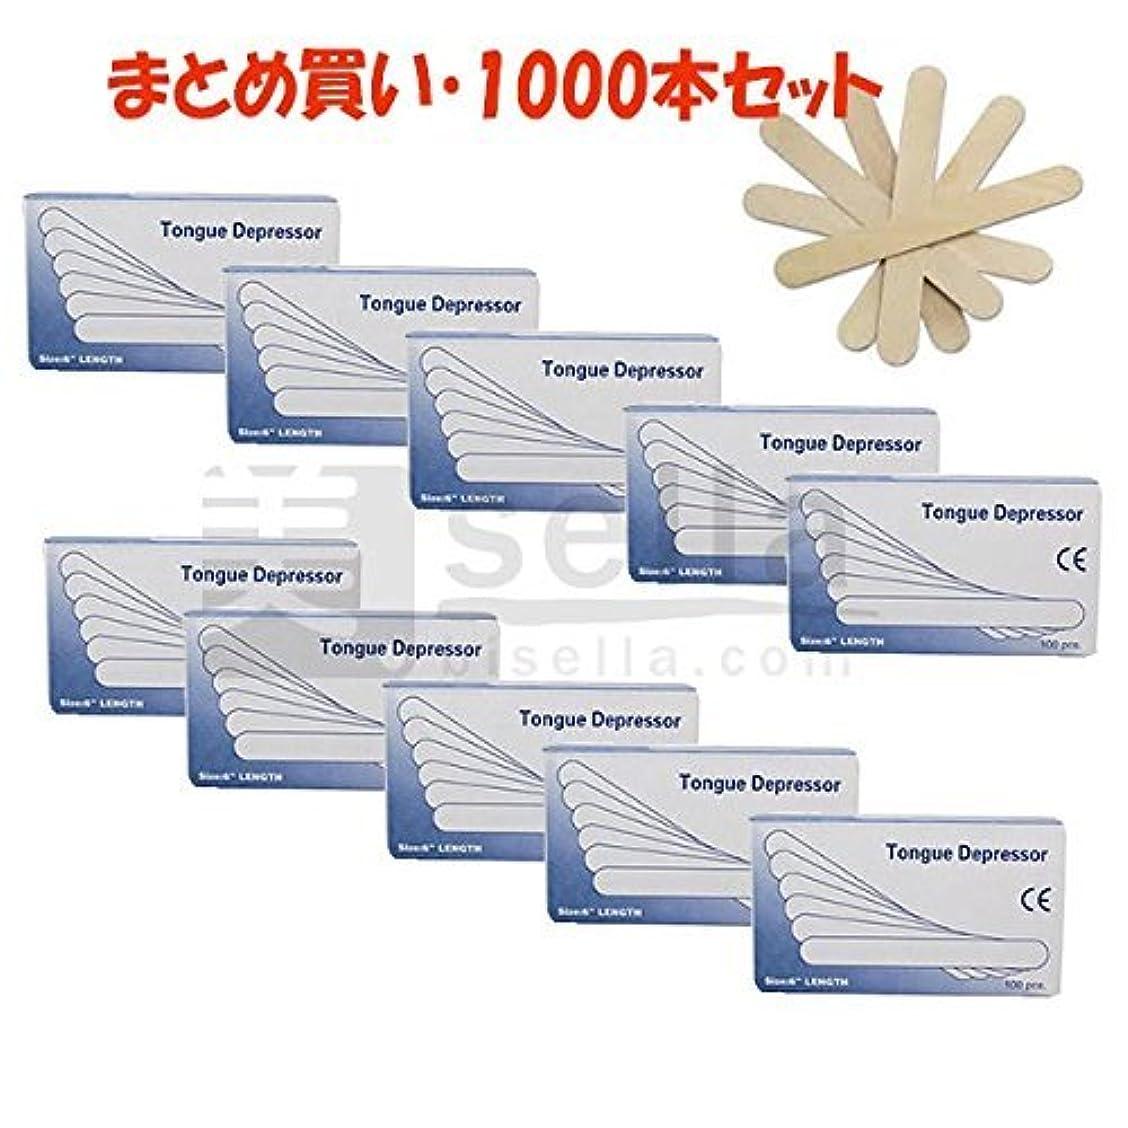 患者一定実験をする使い捨てウッドスパチュラ(木製)【業務用1000本入り】脱毛エステ用 まとめ買いセット